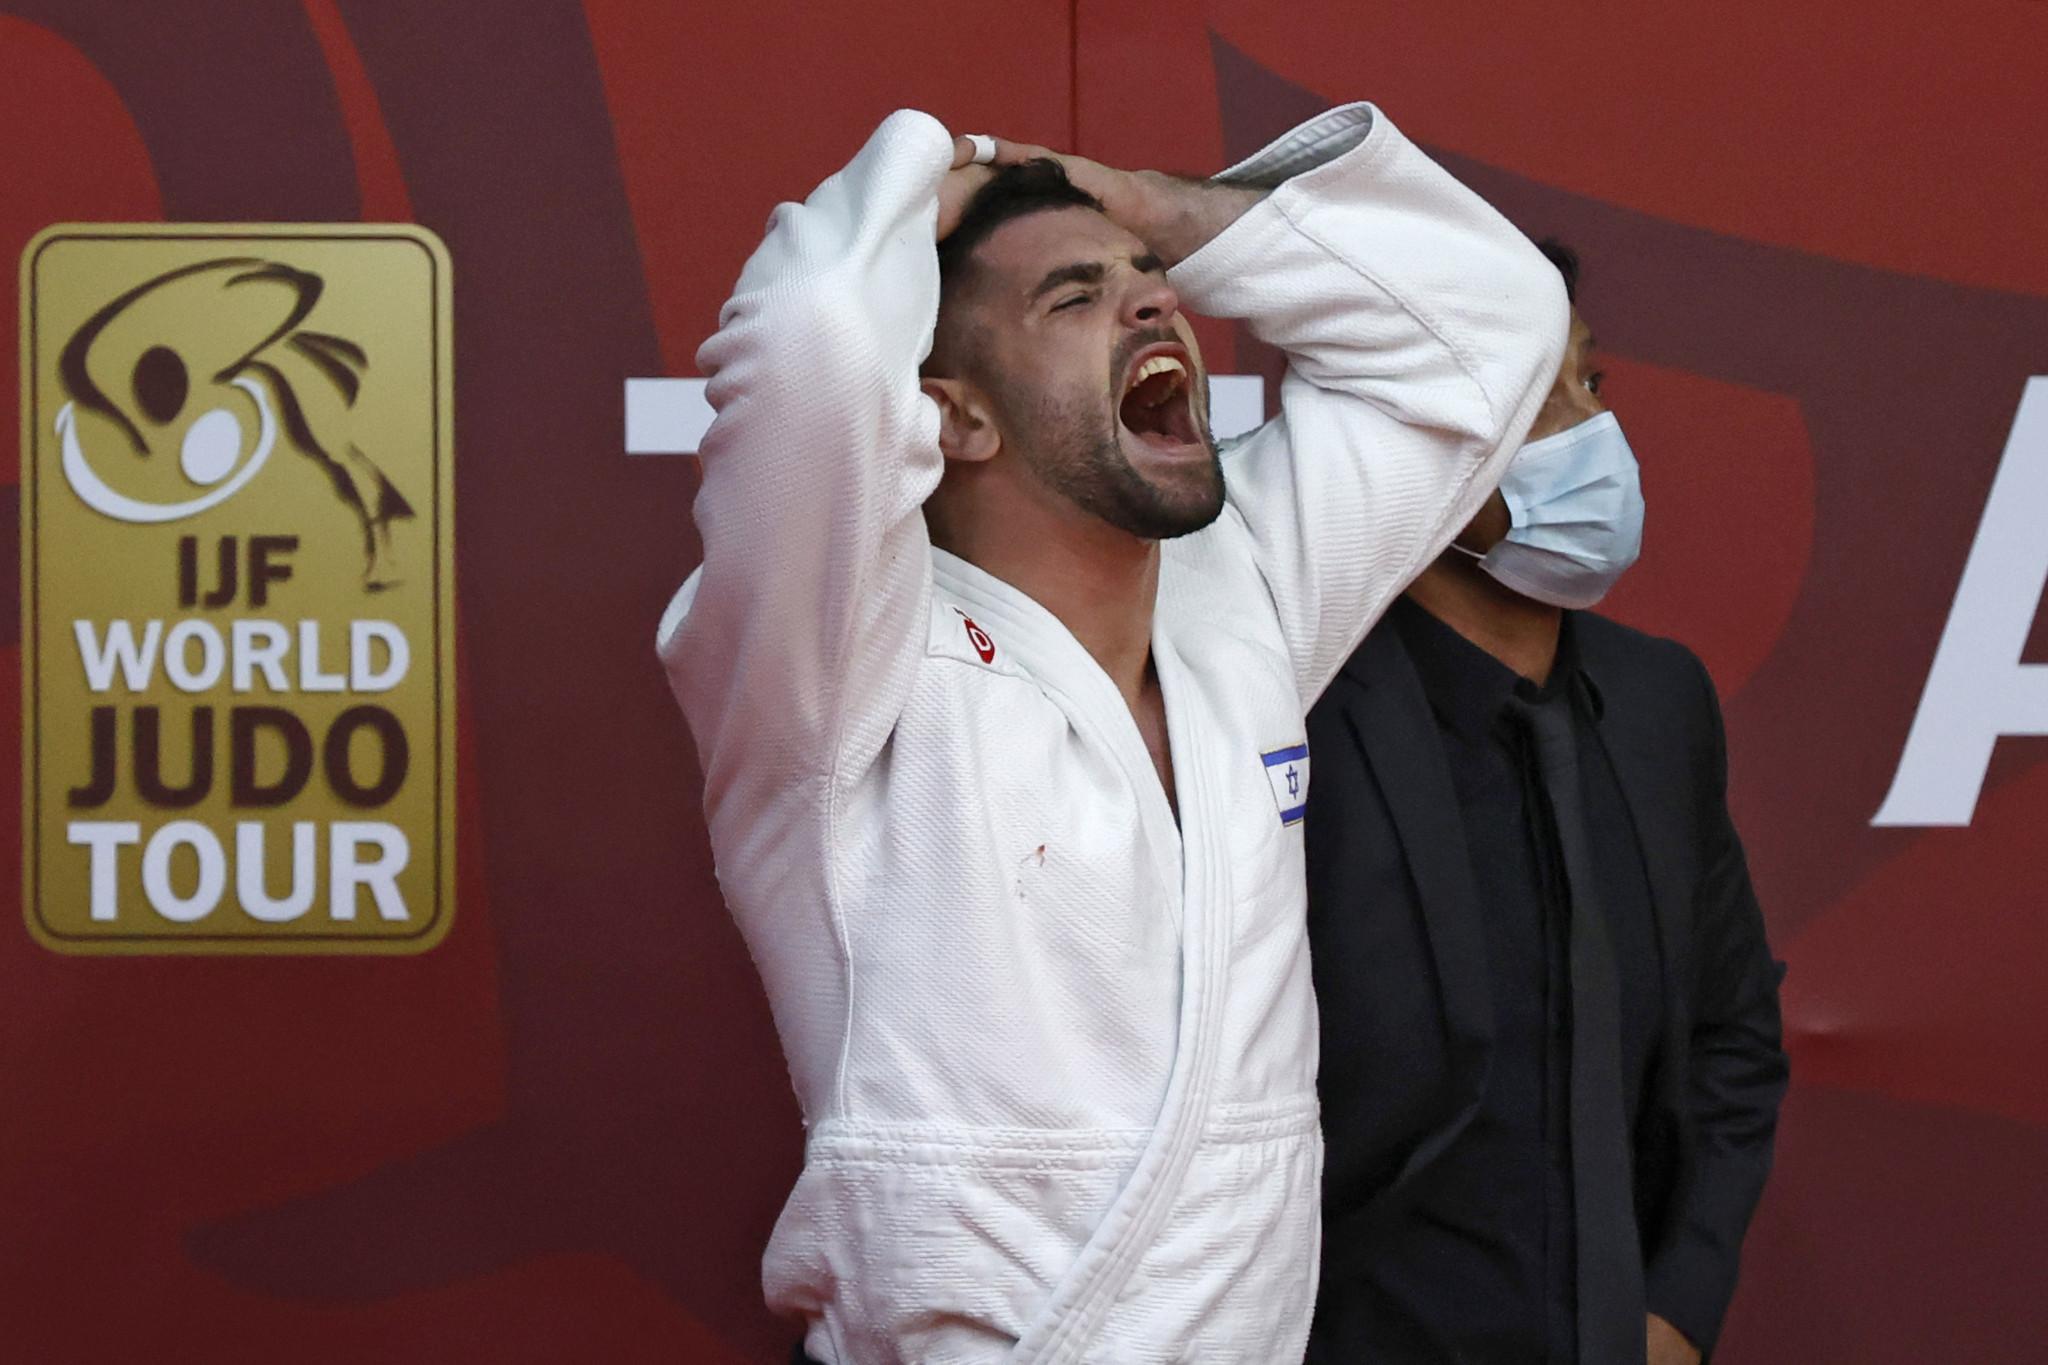 Le numéro deux mondial Peter Balchik a dû se contenter de l'argent à domicile en Israël dans la catégorie hommes moins de 100 kg. © Getty Images